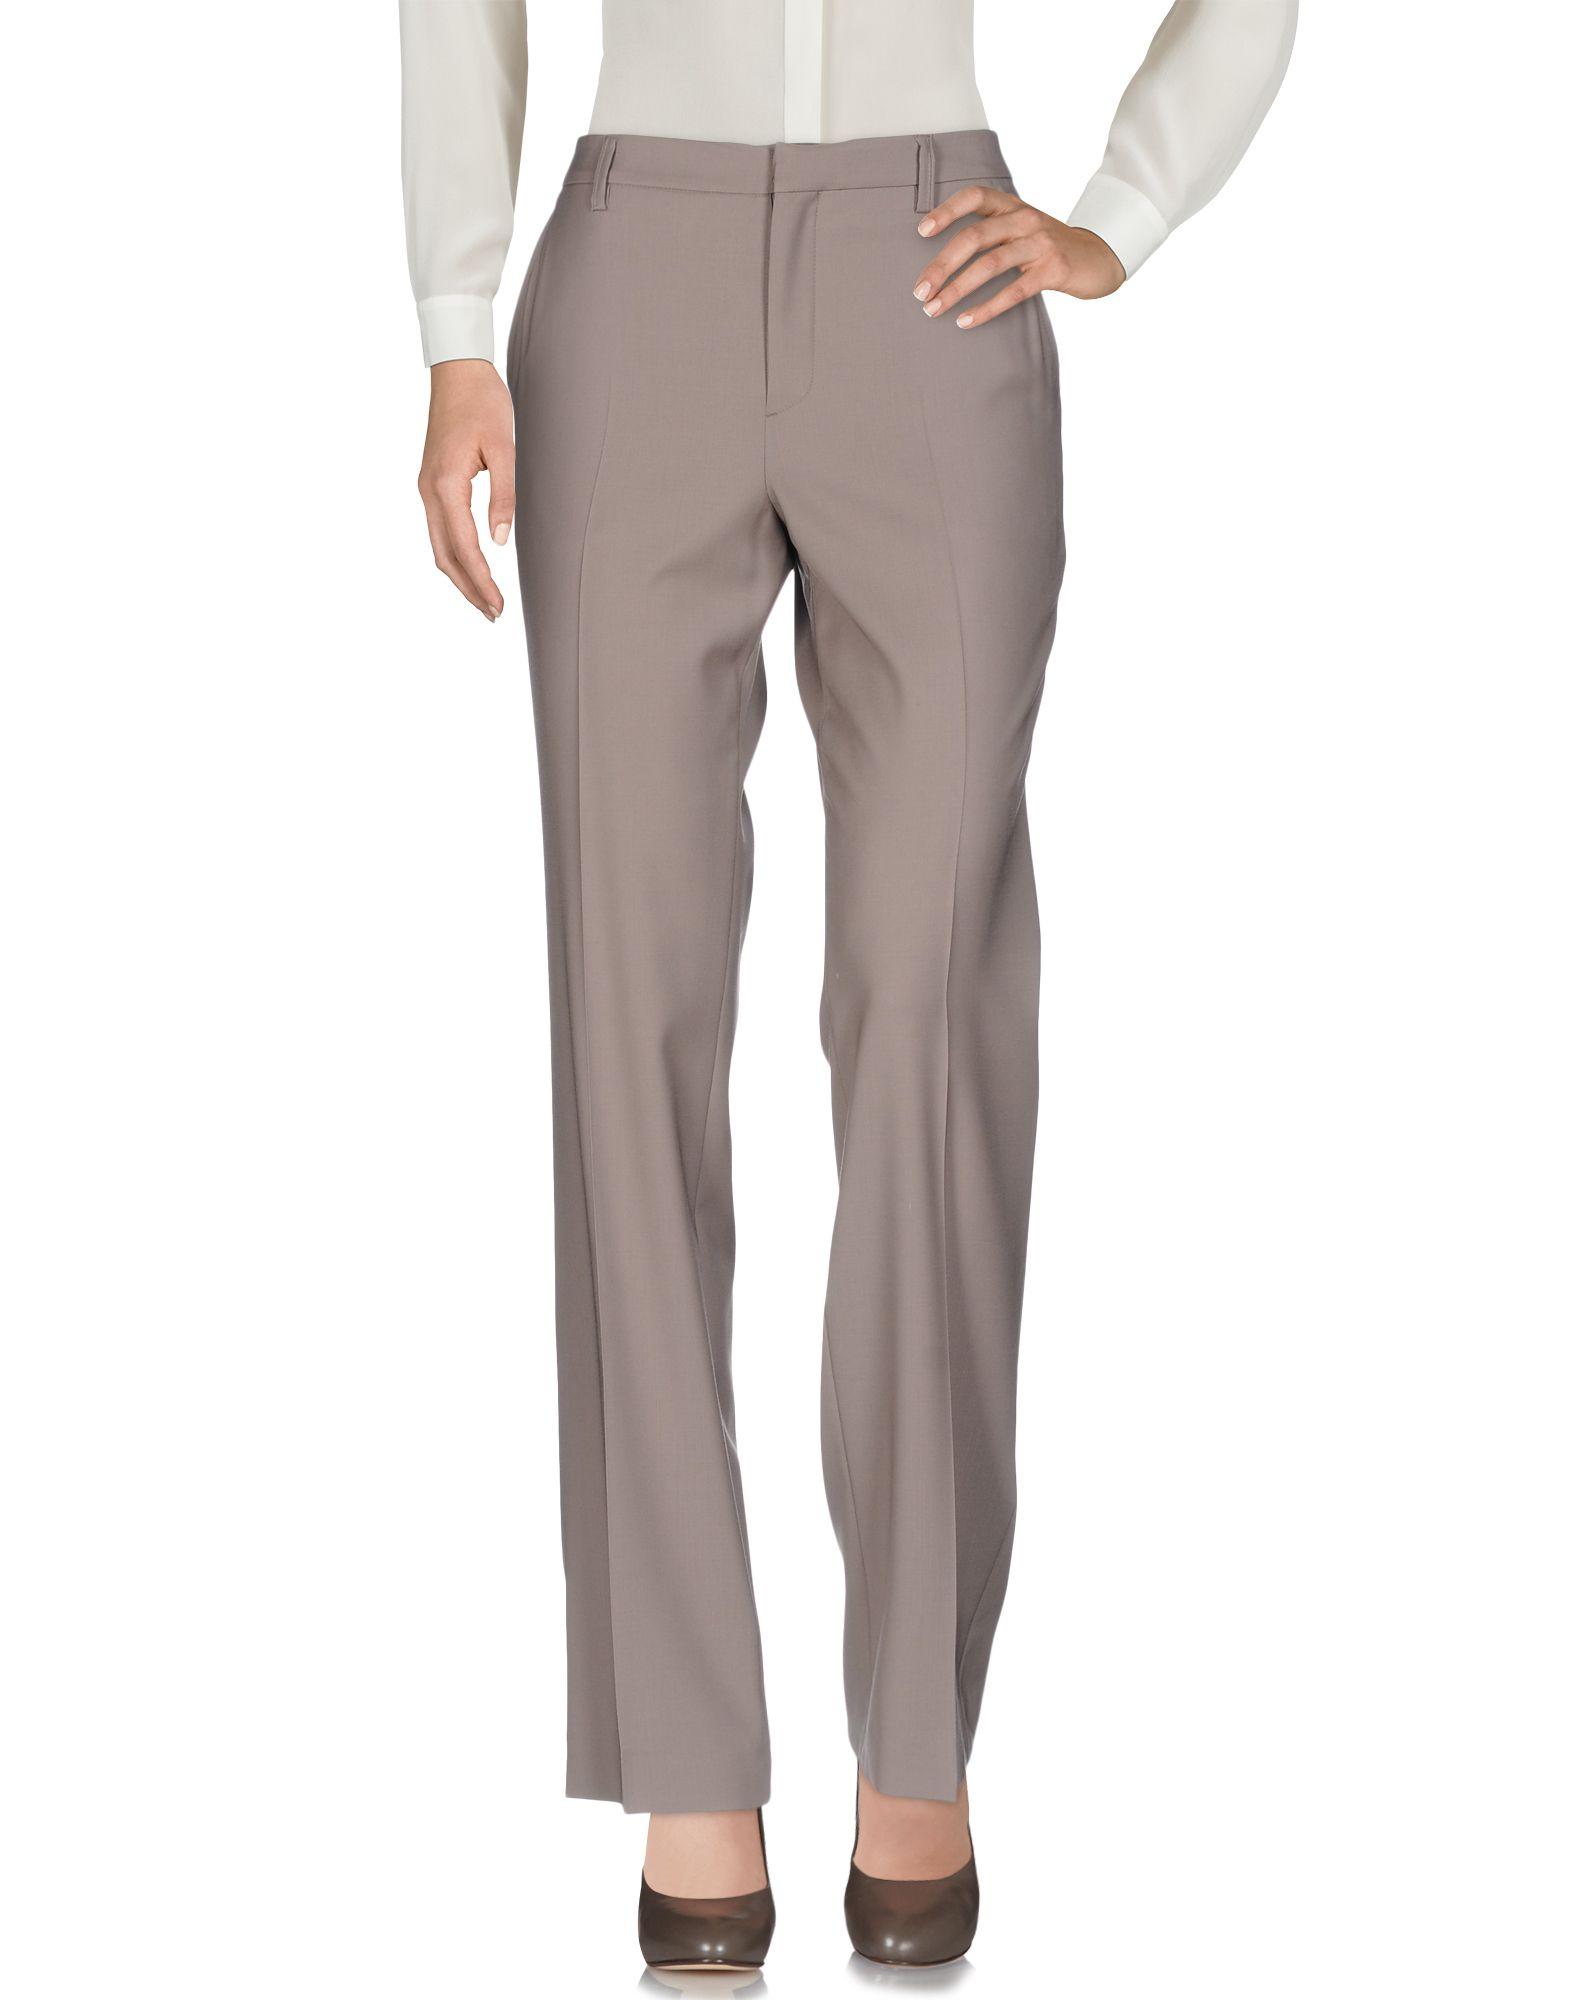 INCOTEX Damen Hose Farbe Hellbraun Größe 6 jetztbilligerkaufen